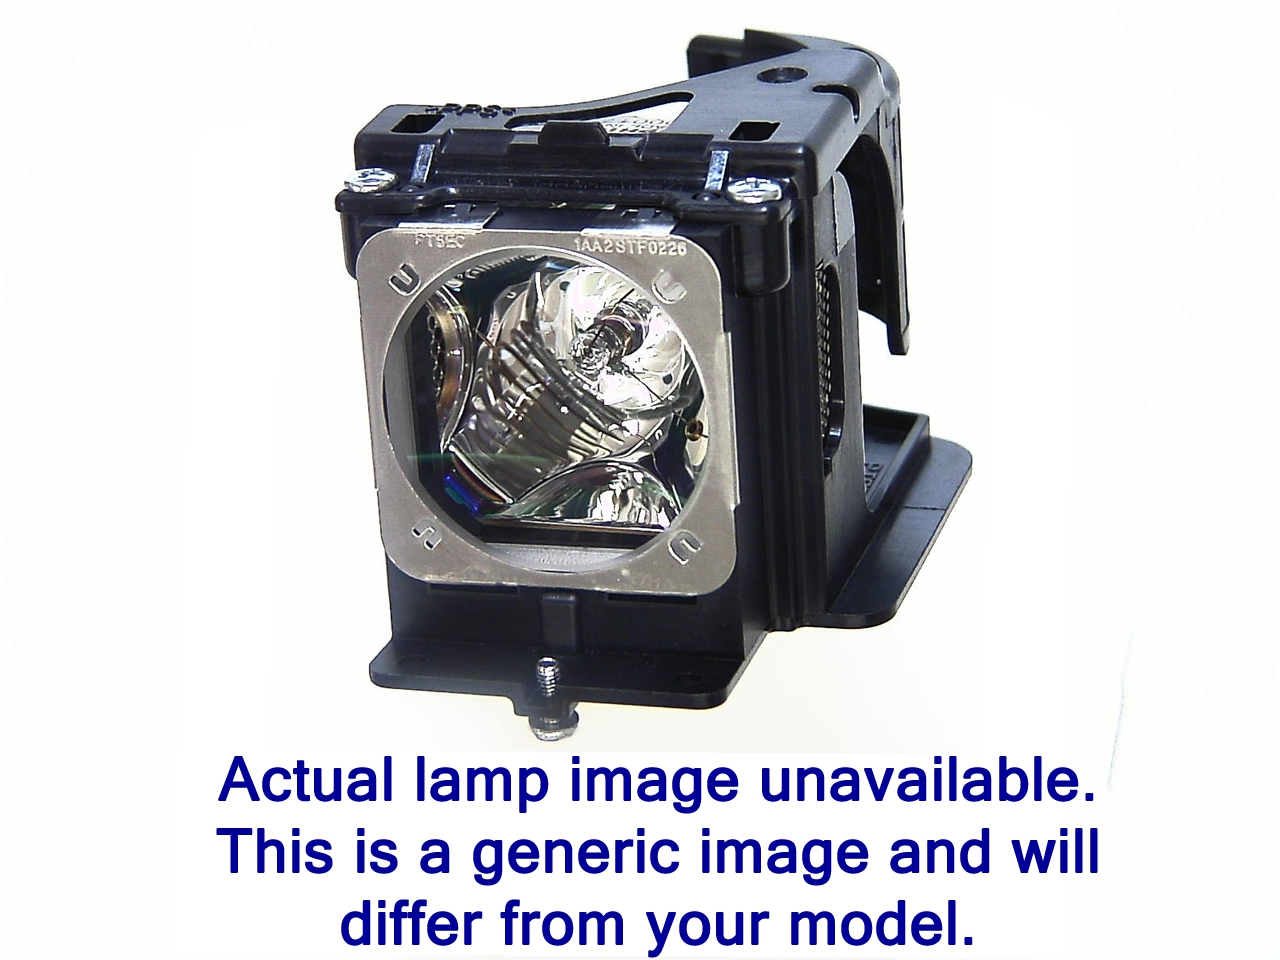 Lámpara PROXIMA DP5400x